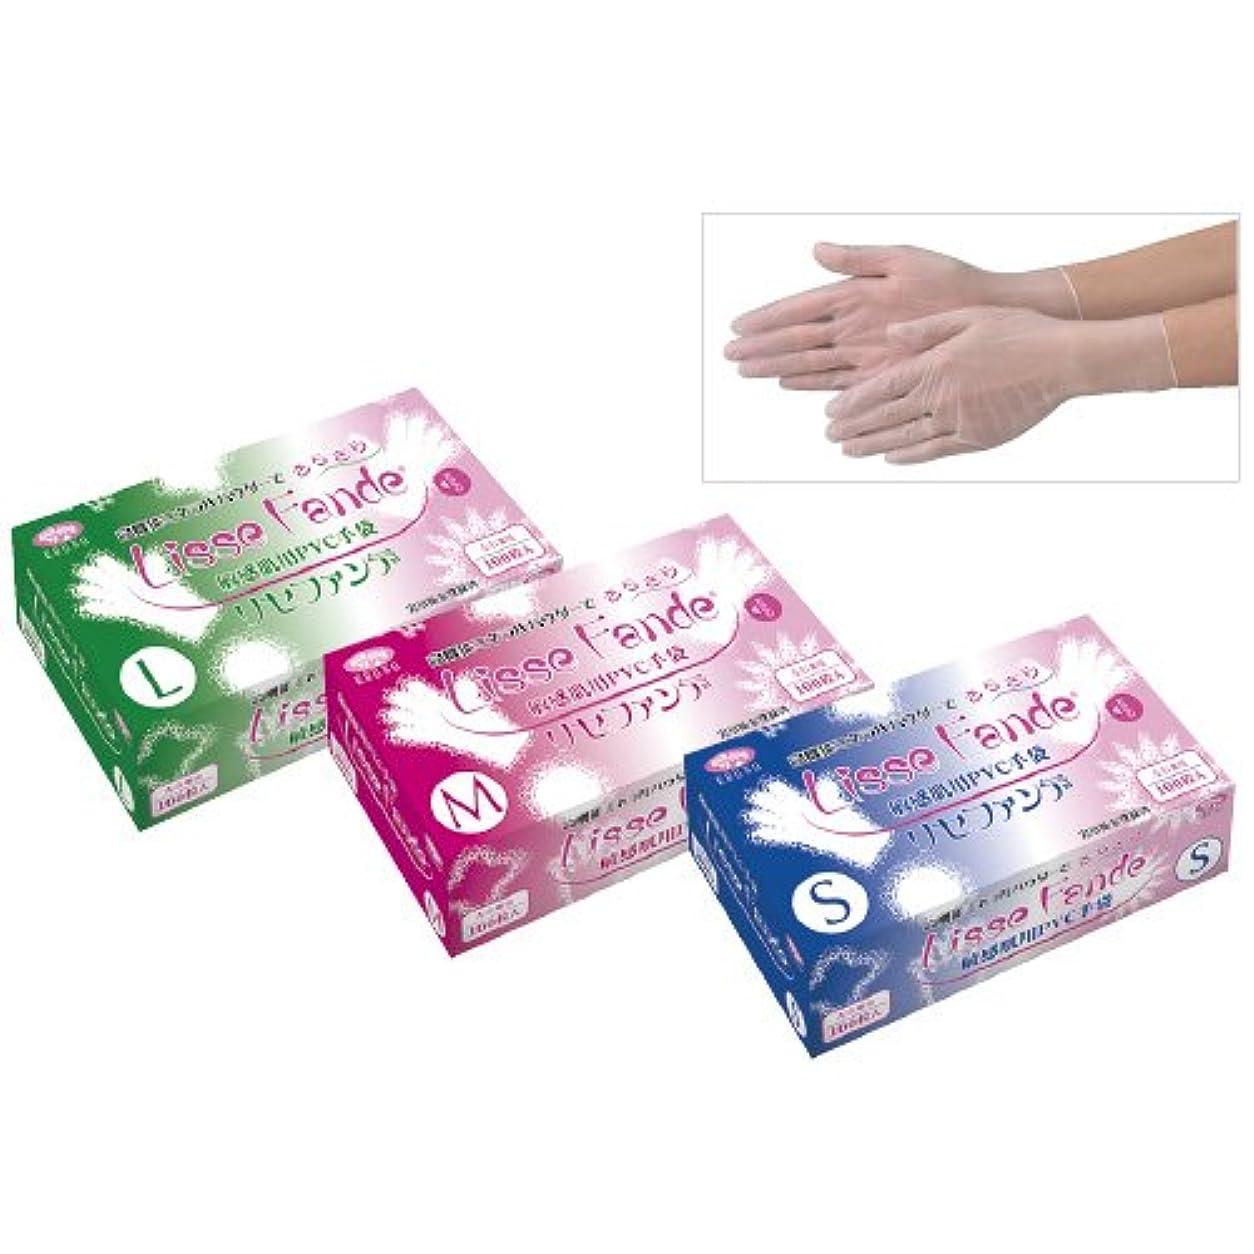 屋内でツール稼ぐ敏感肌用PVC手袋リセファンデ 117(M)100???? ??????????PVC??????(24-4373-01)【エブノ】[20箱単位]